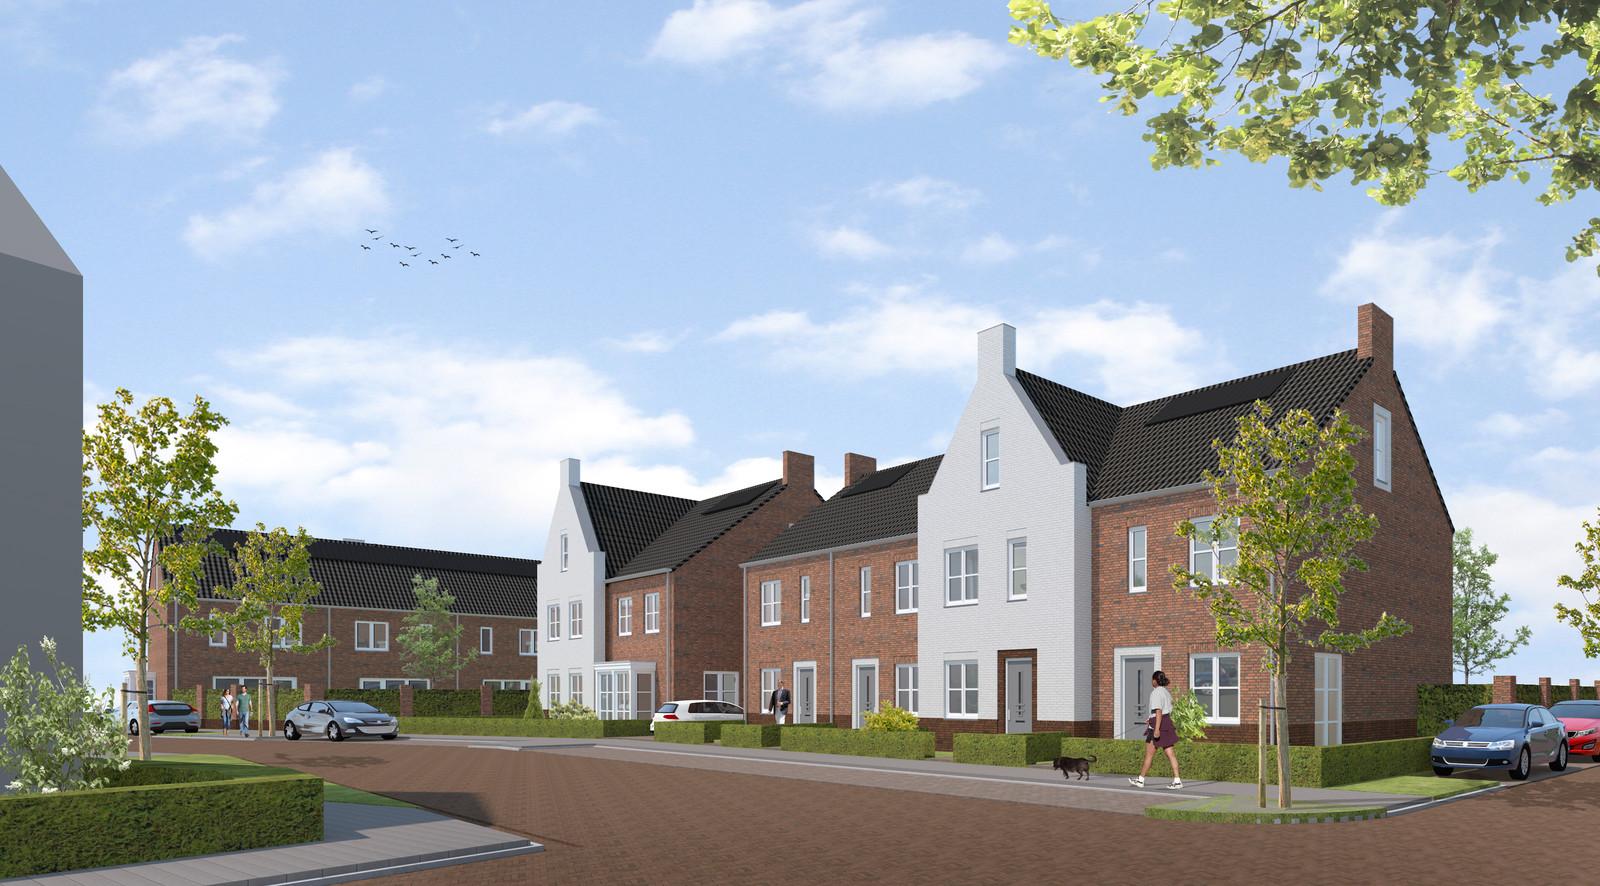 Plan Korenkwartier, op de plek van de voormalige Boerenbond-winkel in Moergestel.